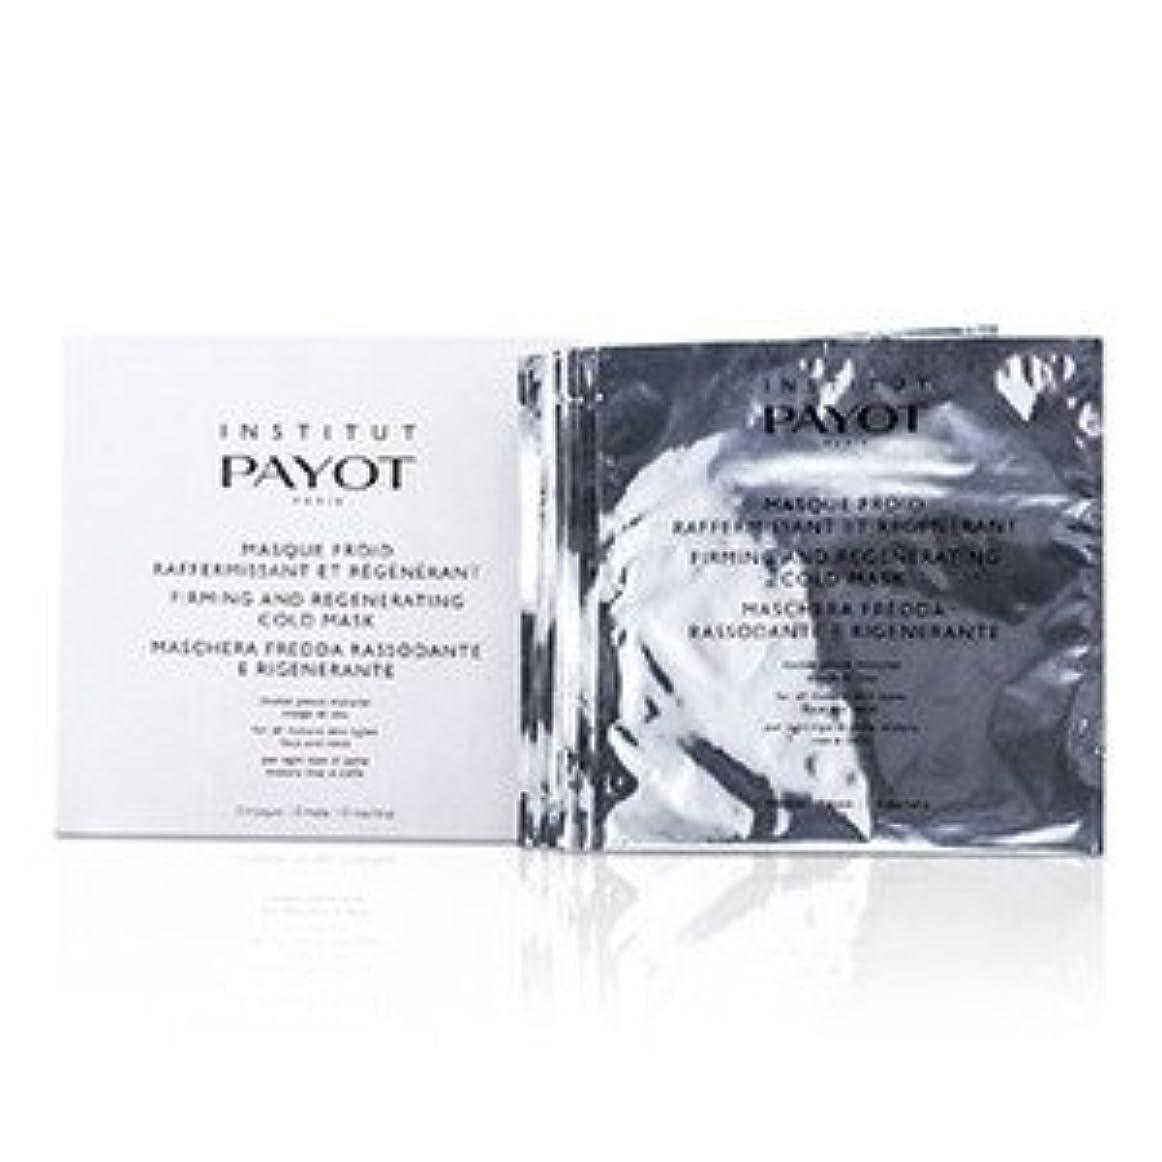 離れて発信たるみPayot ファーミング&リジェネレーティング コールド マスク 10枚入り [並行輸入品]